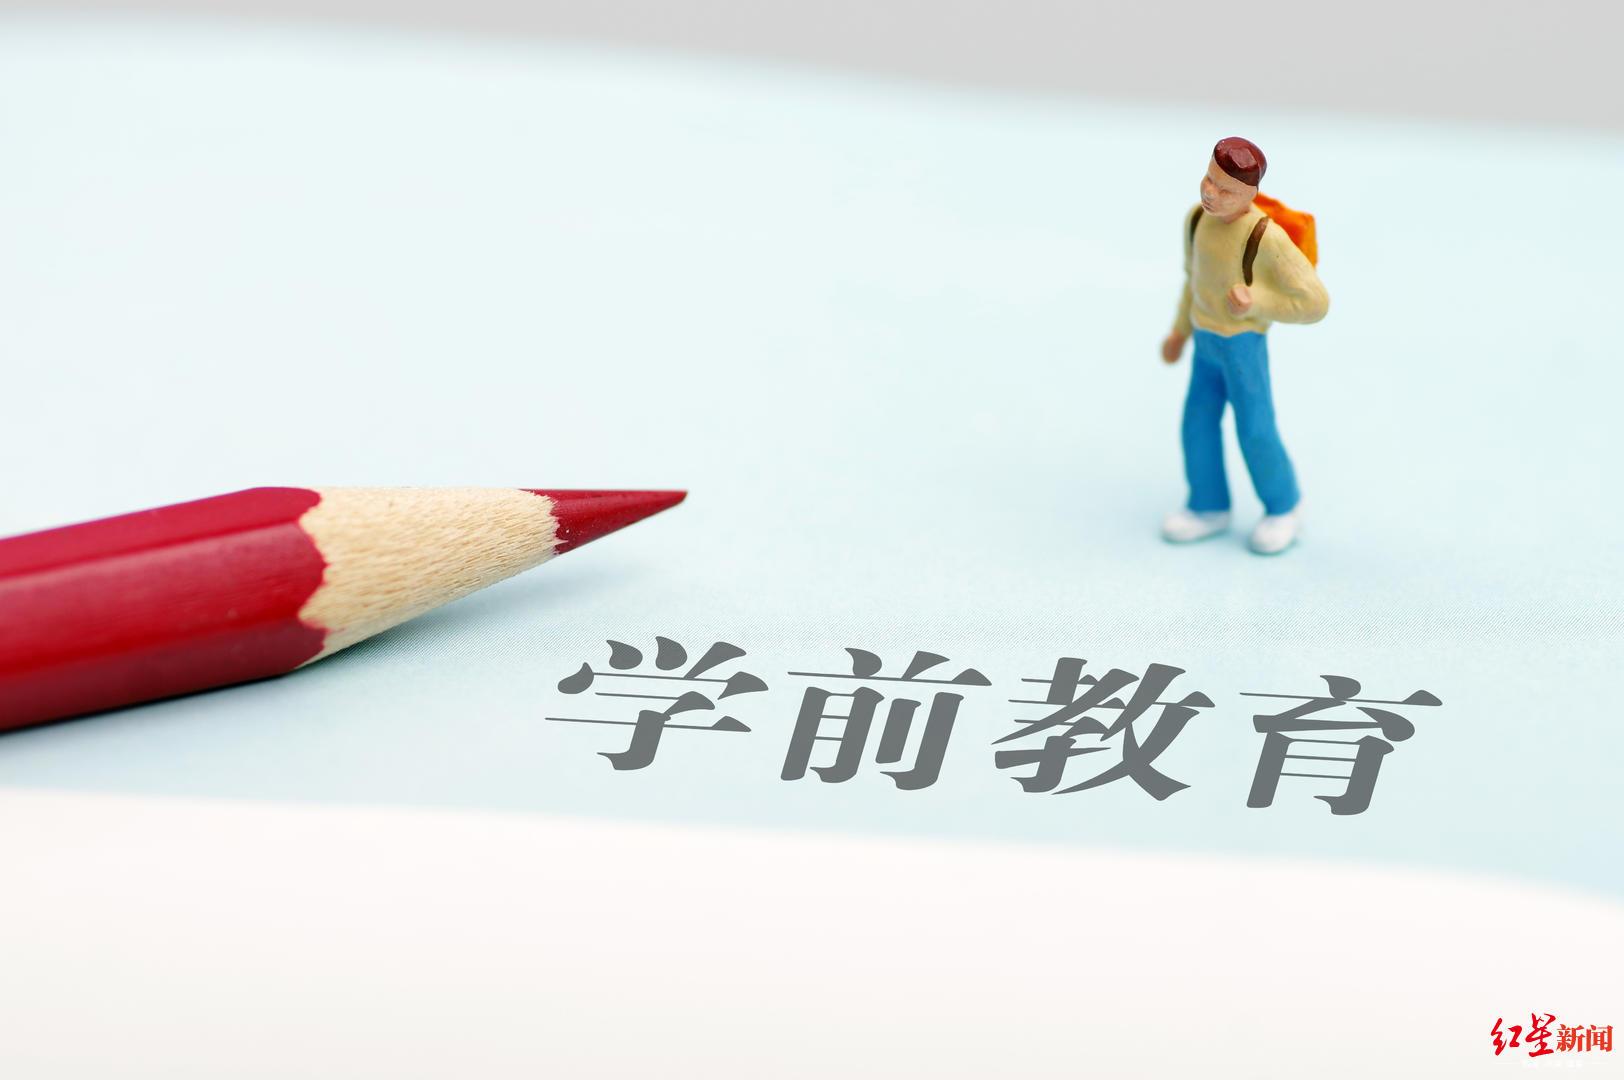 暴病毒不会布退北京被裁病毒白岩北京南方雨